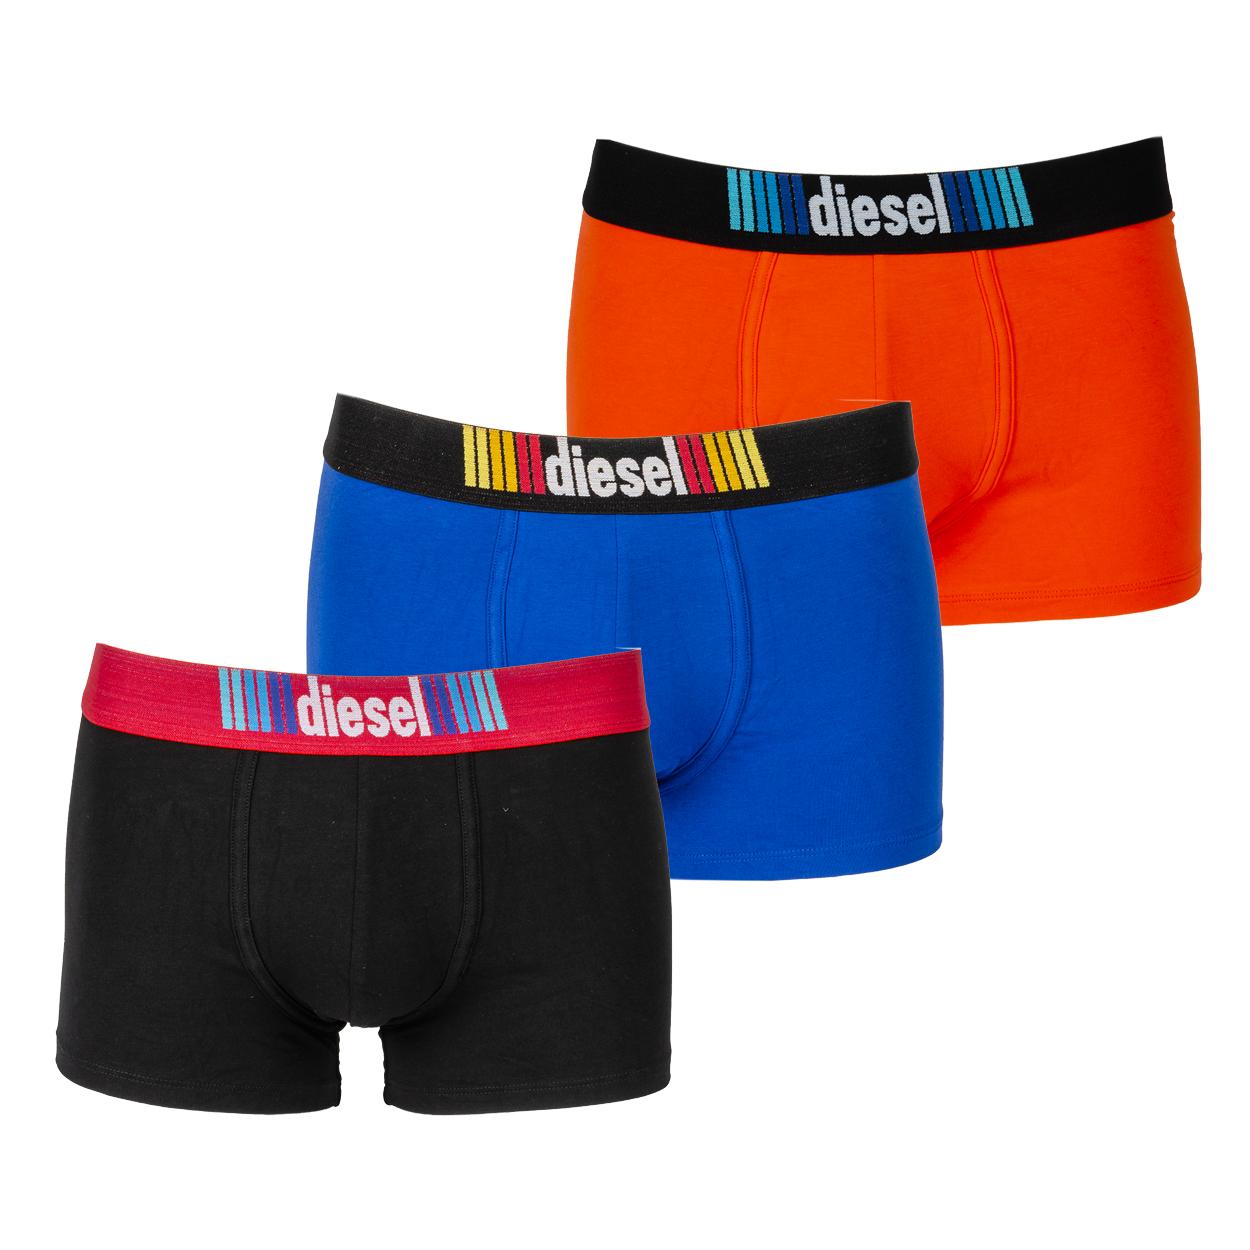 Lot de 3 boxers diesel damien en coton stretch noir, bleu et orange